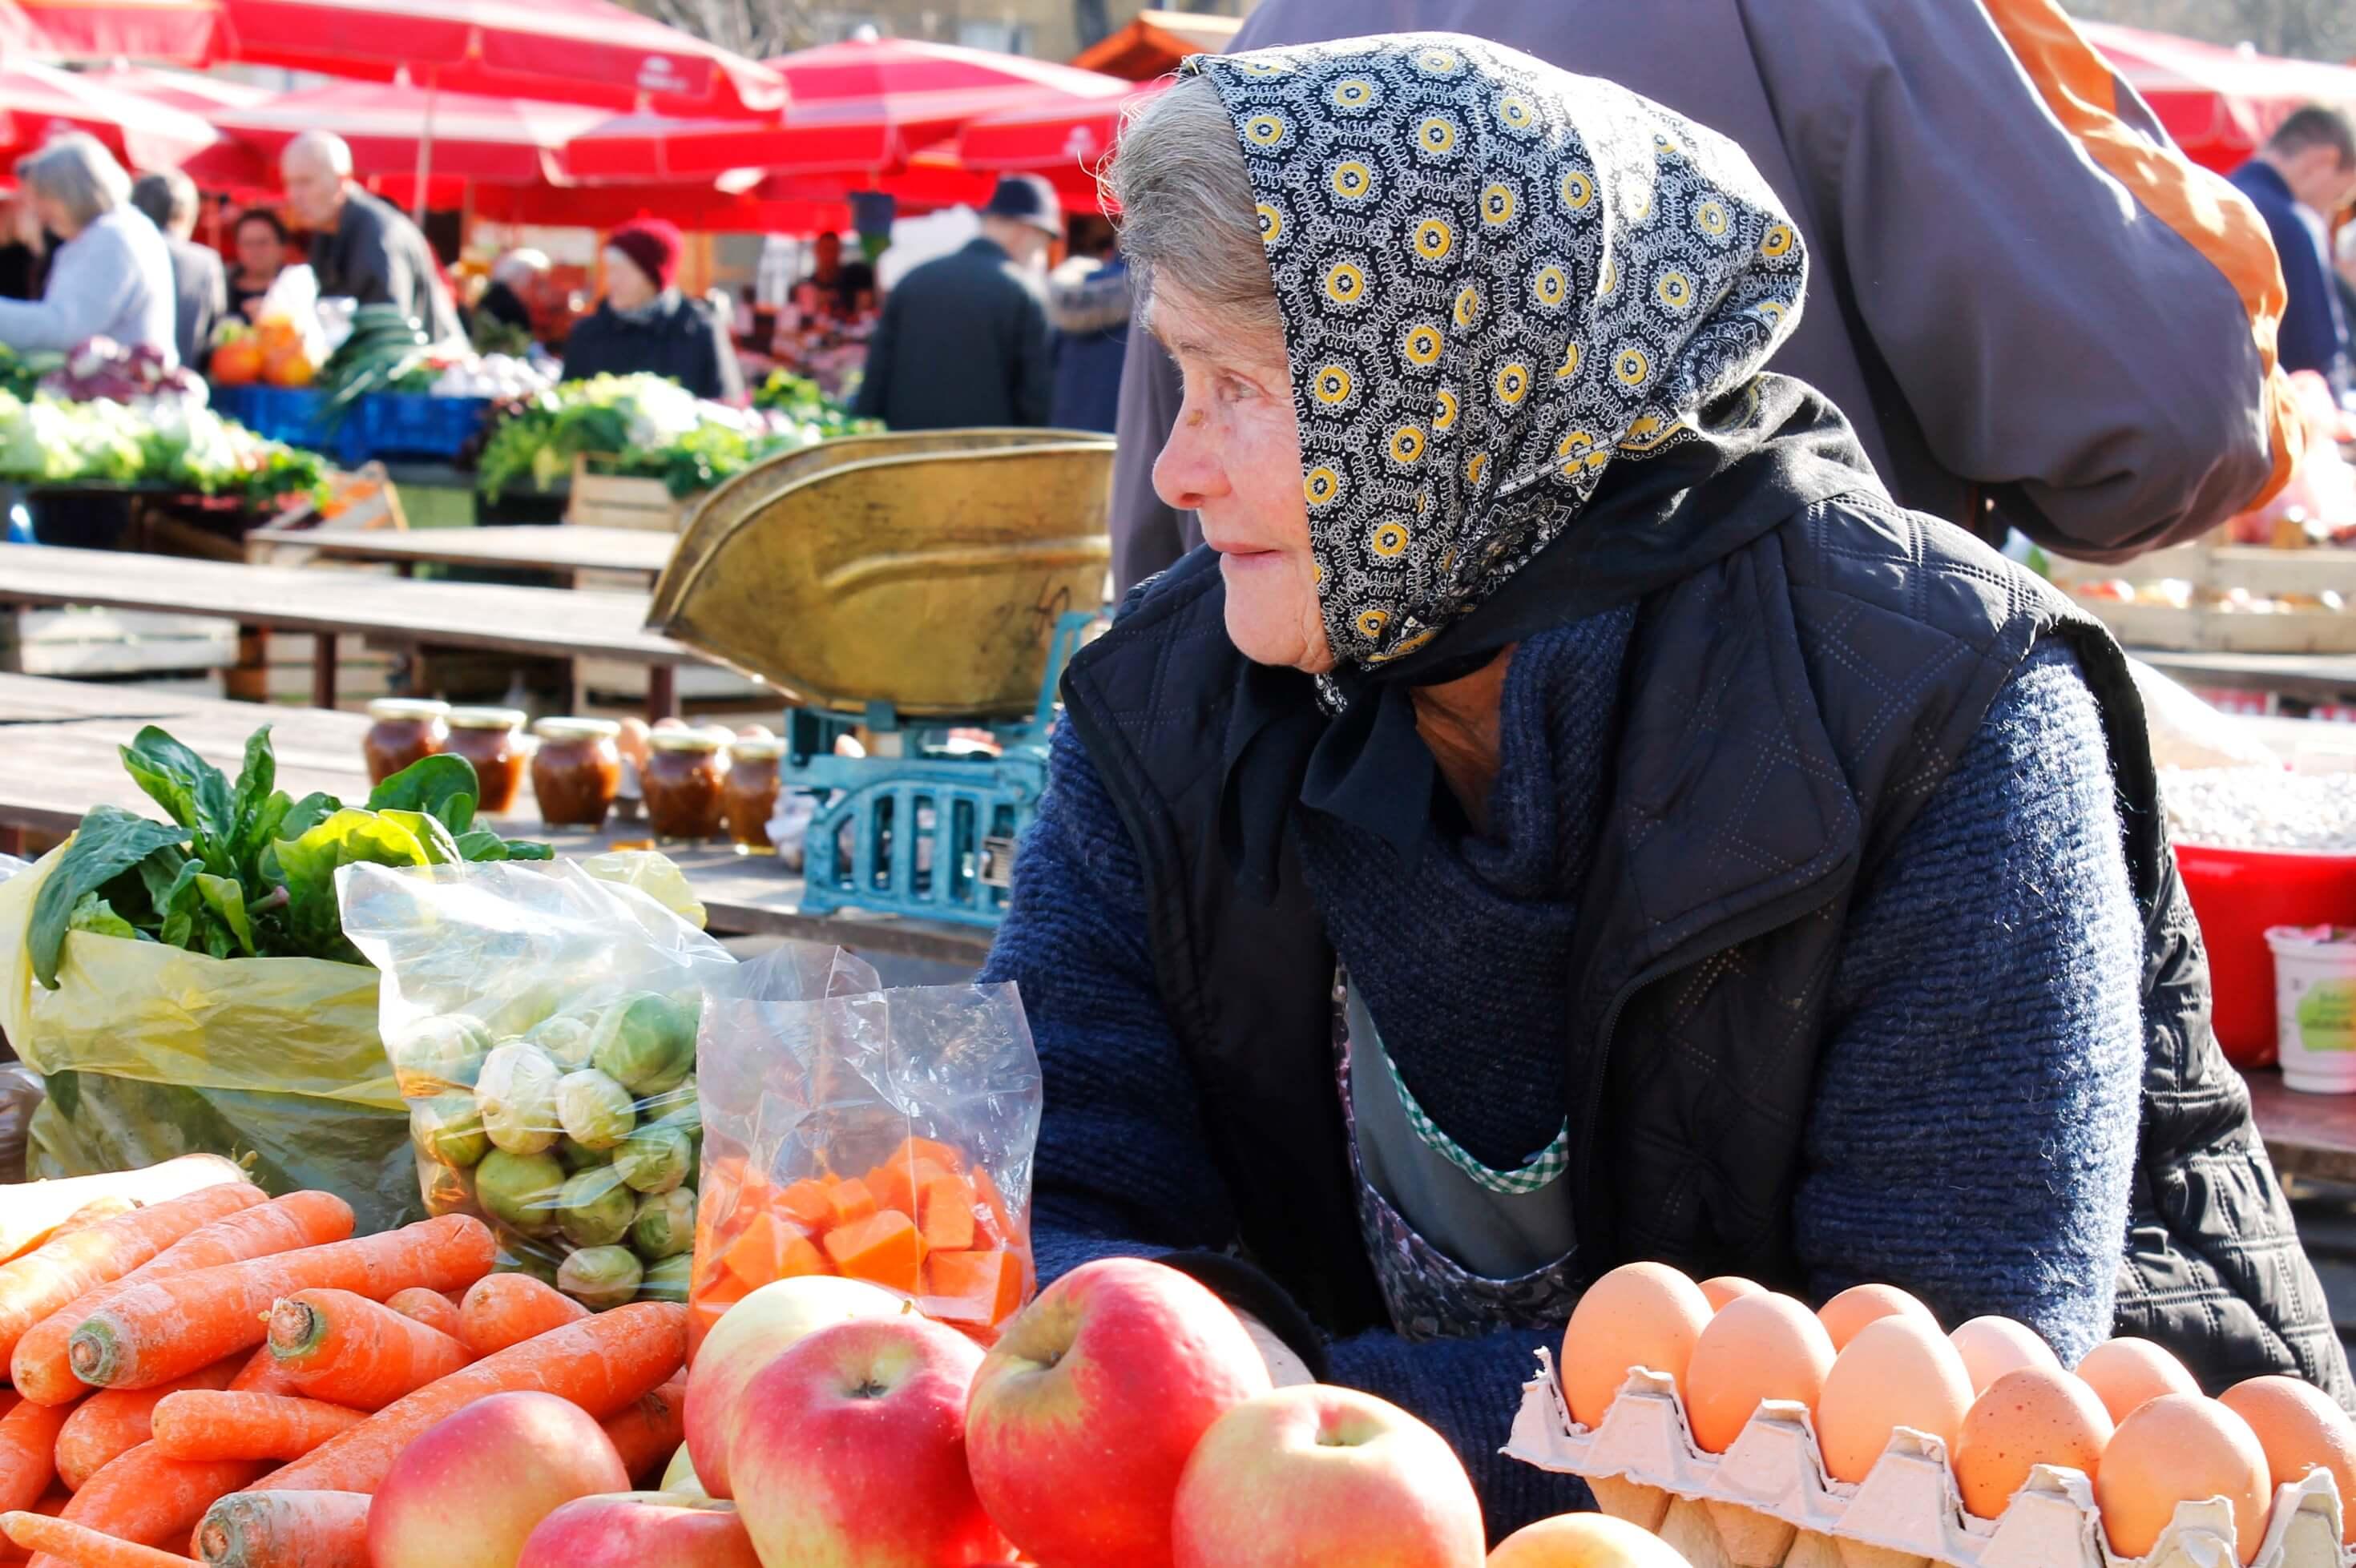 Facebook inicijativa: Kupujte na tržnicama umjesto u supermarketima jer su bakice zakon